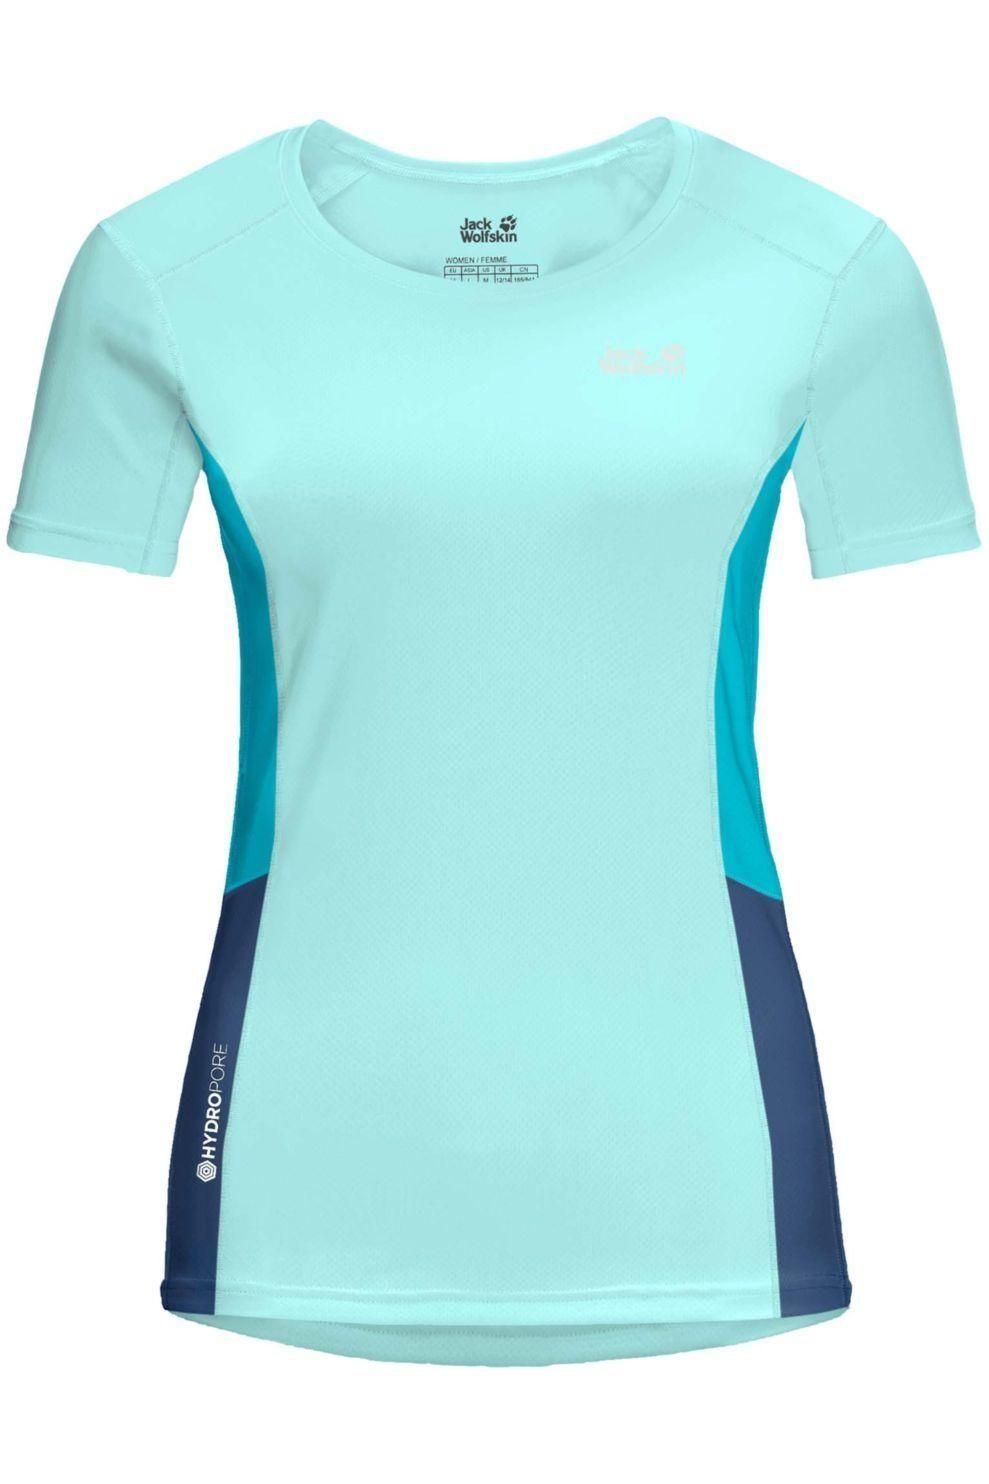 Jack Wolfskin T-Shirt Narrows voor dames - Blauw - Maten: XS, S, M, L, XL, XXL